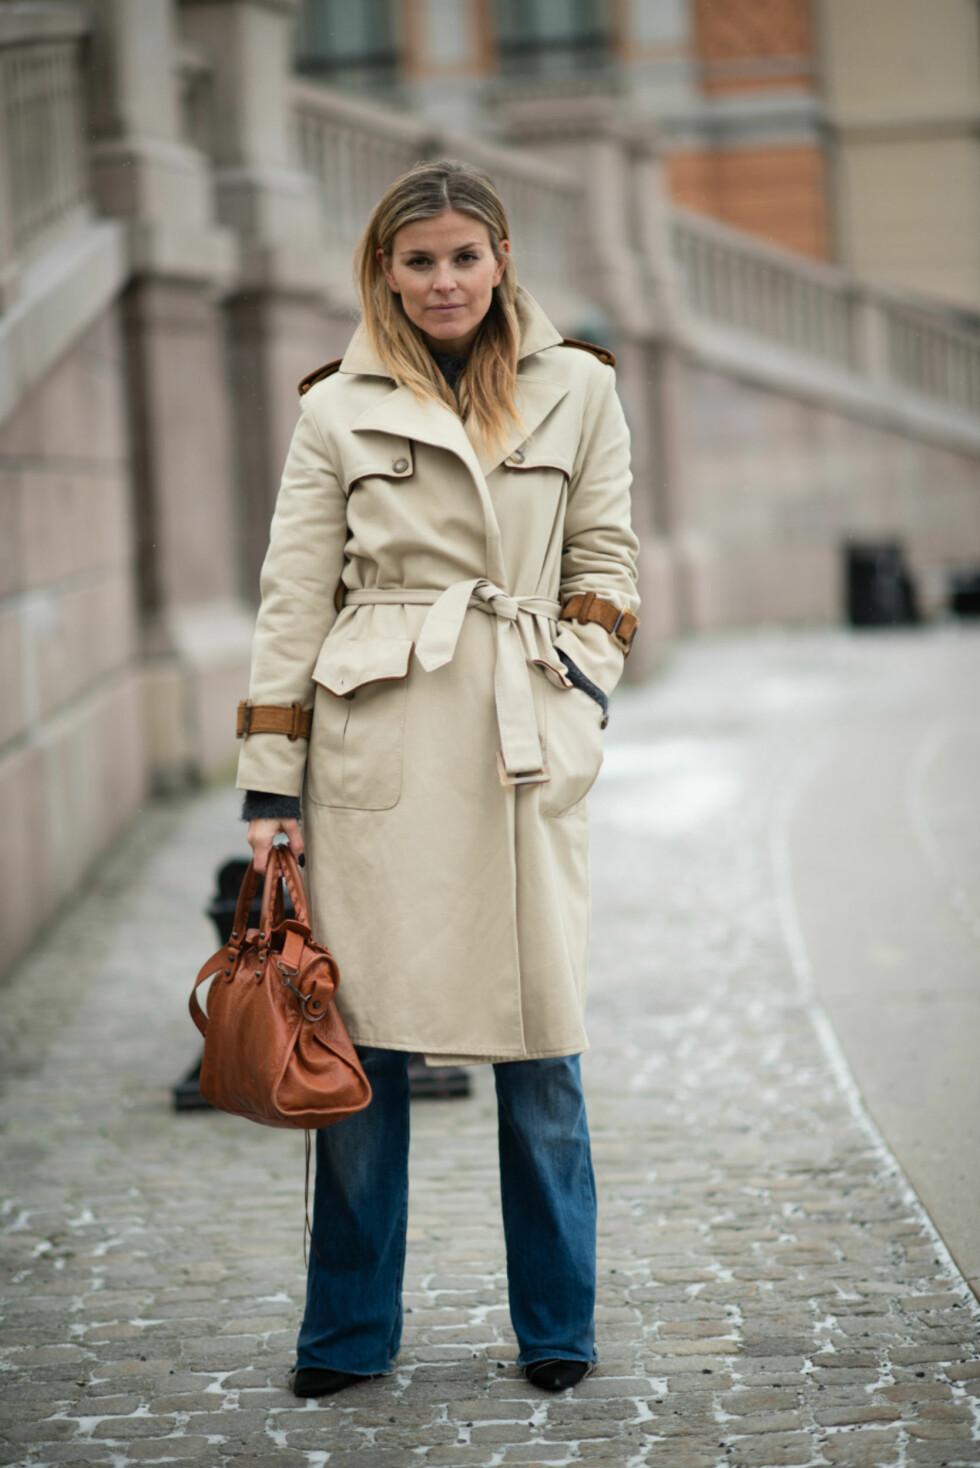 KLASSISK & TRENDY: Janka styler den klassiske trenchcoaten med sesongens heteste trend; 70talls-stilen! Foto: Polliani.com